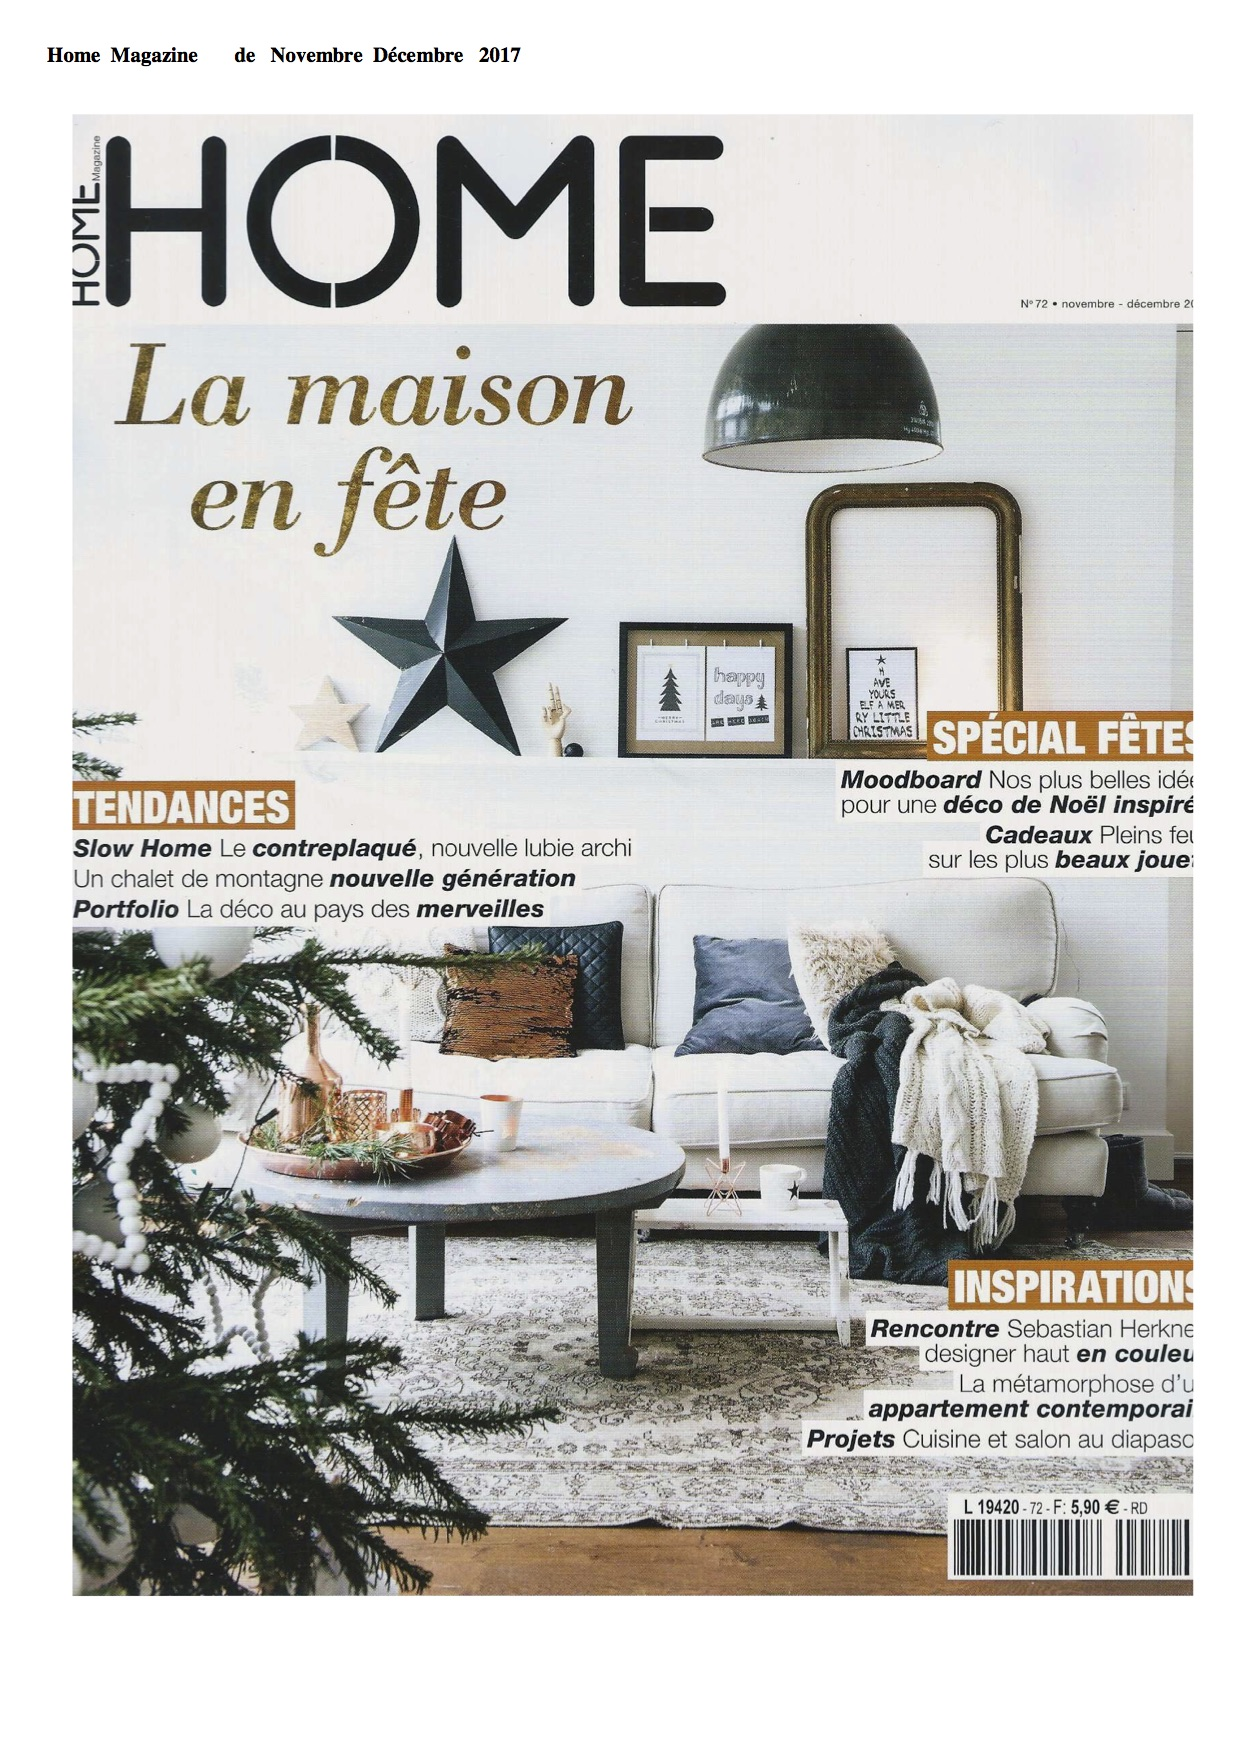 Home_Magazine_i_de_Novembre_Decembre-2017.jpg